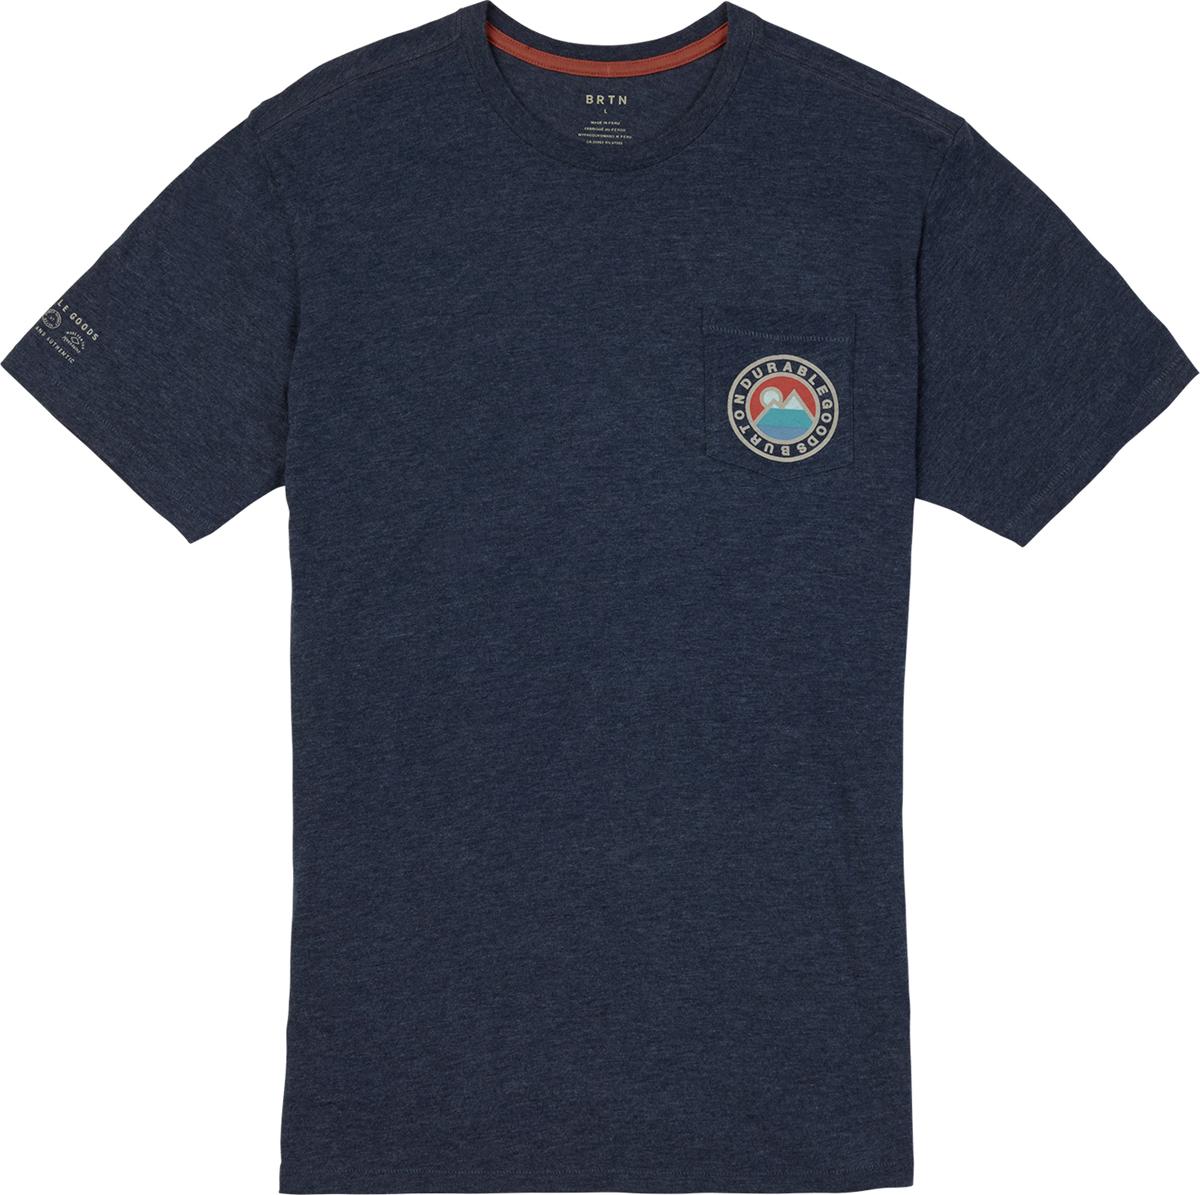 Футболка мужская Burton Mb Fox Peak Active, цвет: темно-синий. 18944101400. Размер XL (52)18944101400Мужская футболка Burton выполнена из полиэстера с добавлением хлопка и вискозы. Модель с круглым вырезом горловины и короткими рукавами дополнена накладным карманом.